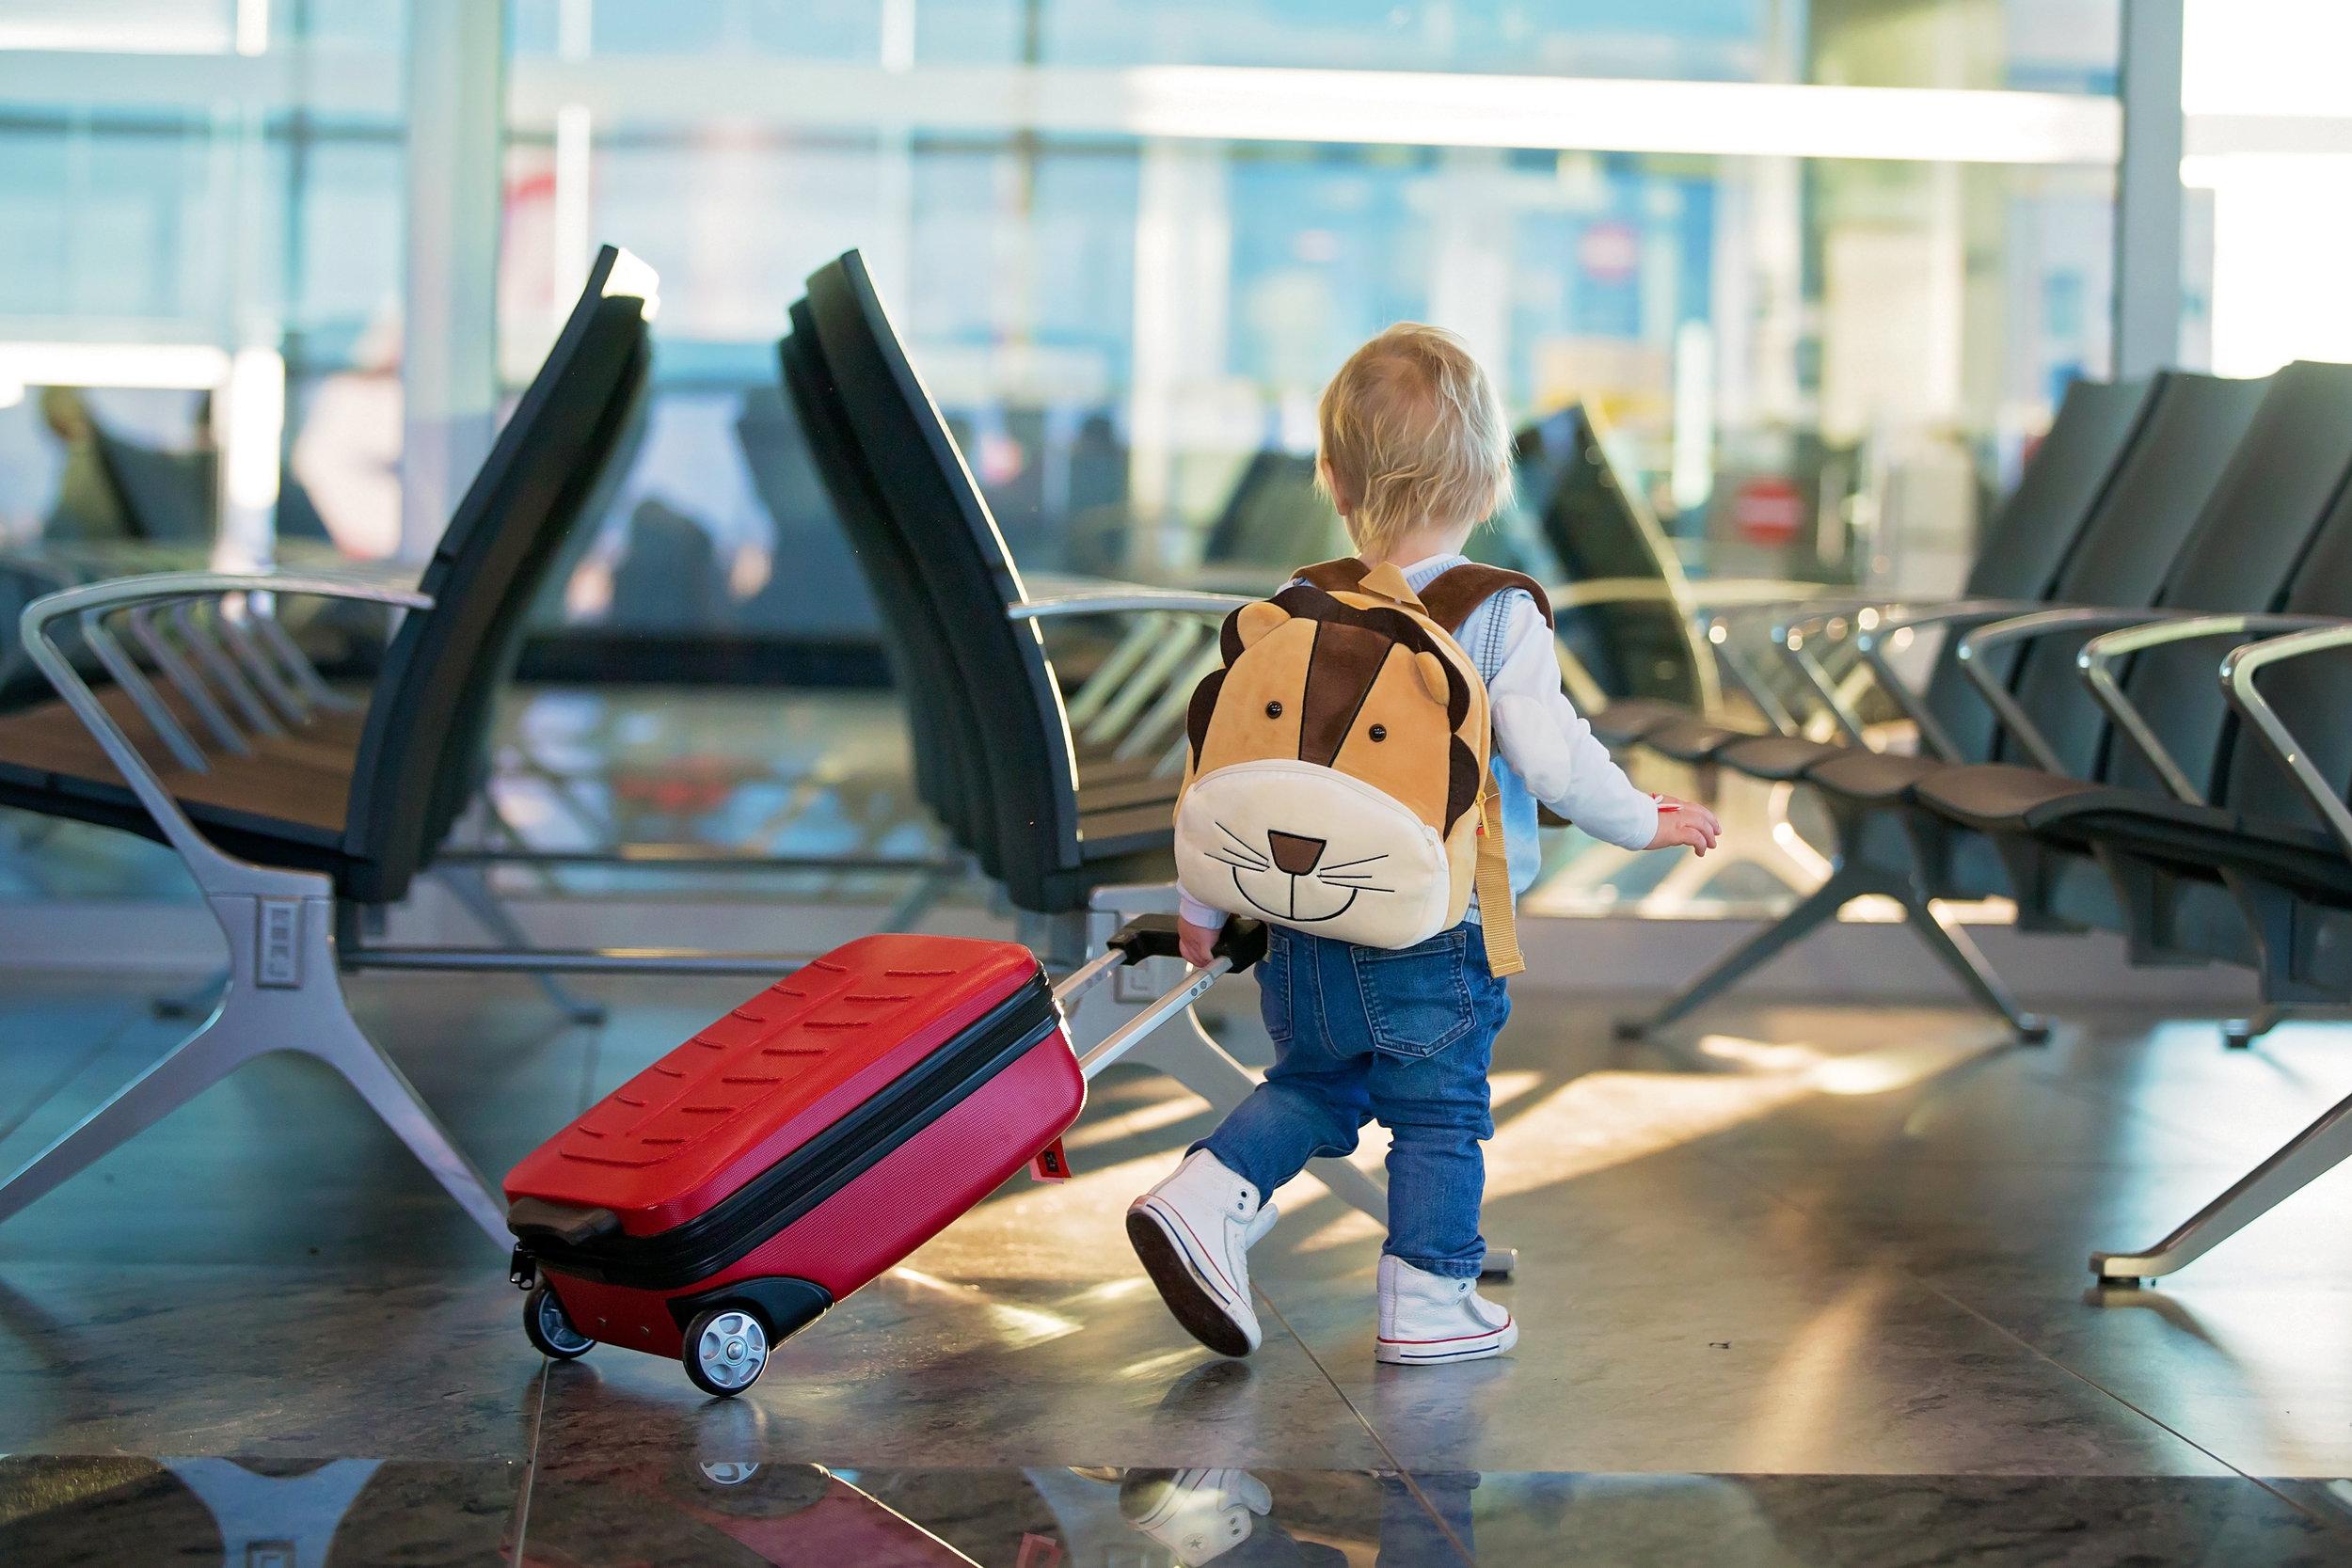 voyage-vacances-planification-enfant-bébé-séjour-organisation